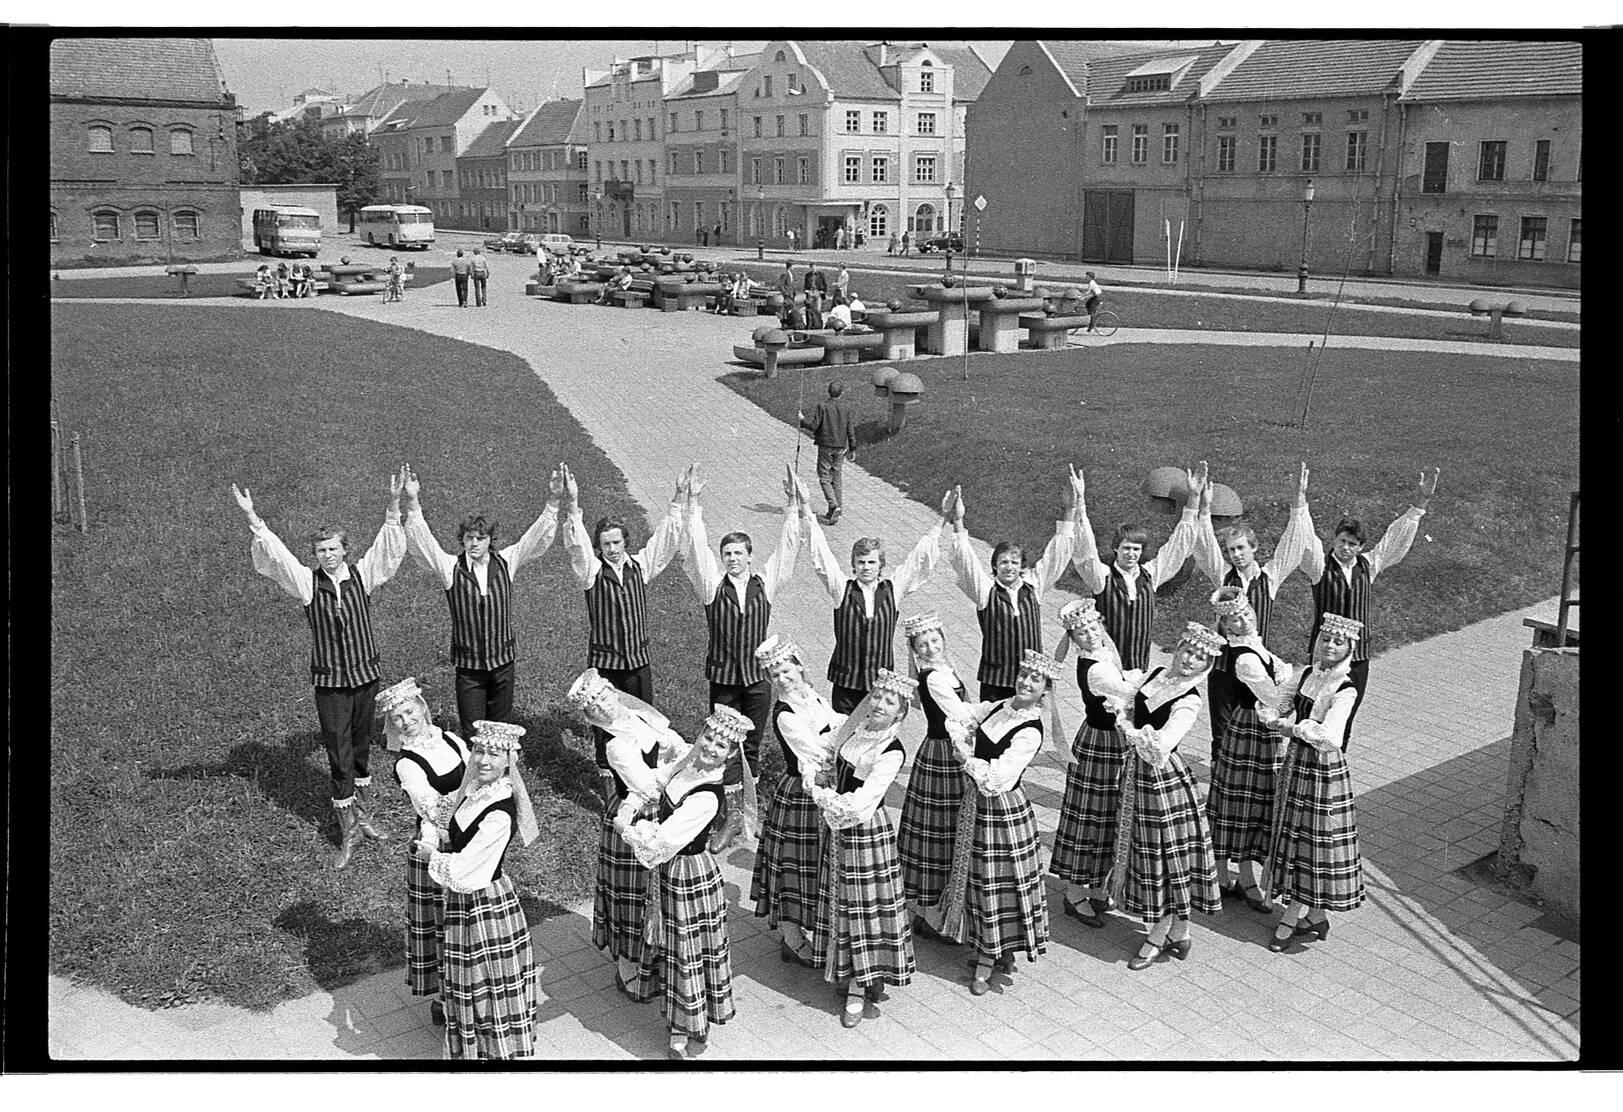 """Klaipėdos tautinių šokių ir dainų ansamblio """"Žilvinas"""" Karlskronos aikštėje, Klaipėdoje"""